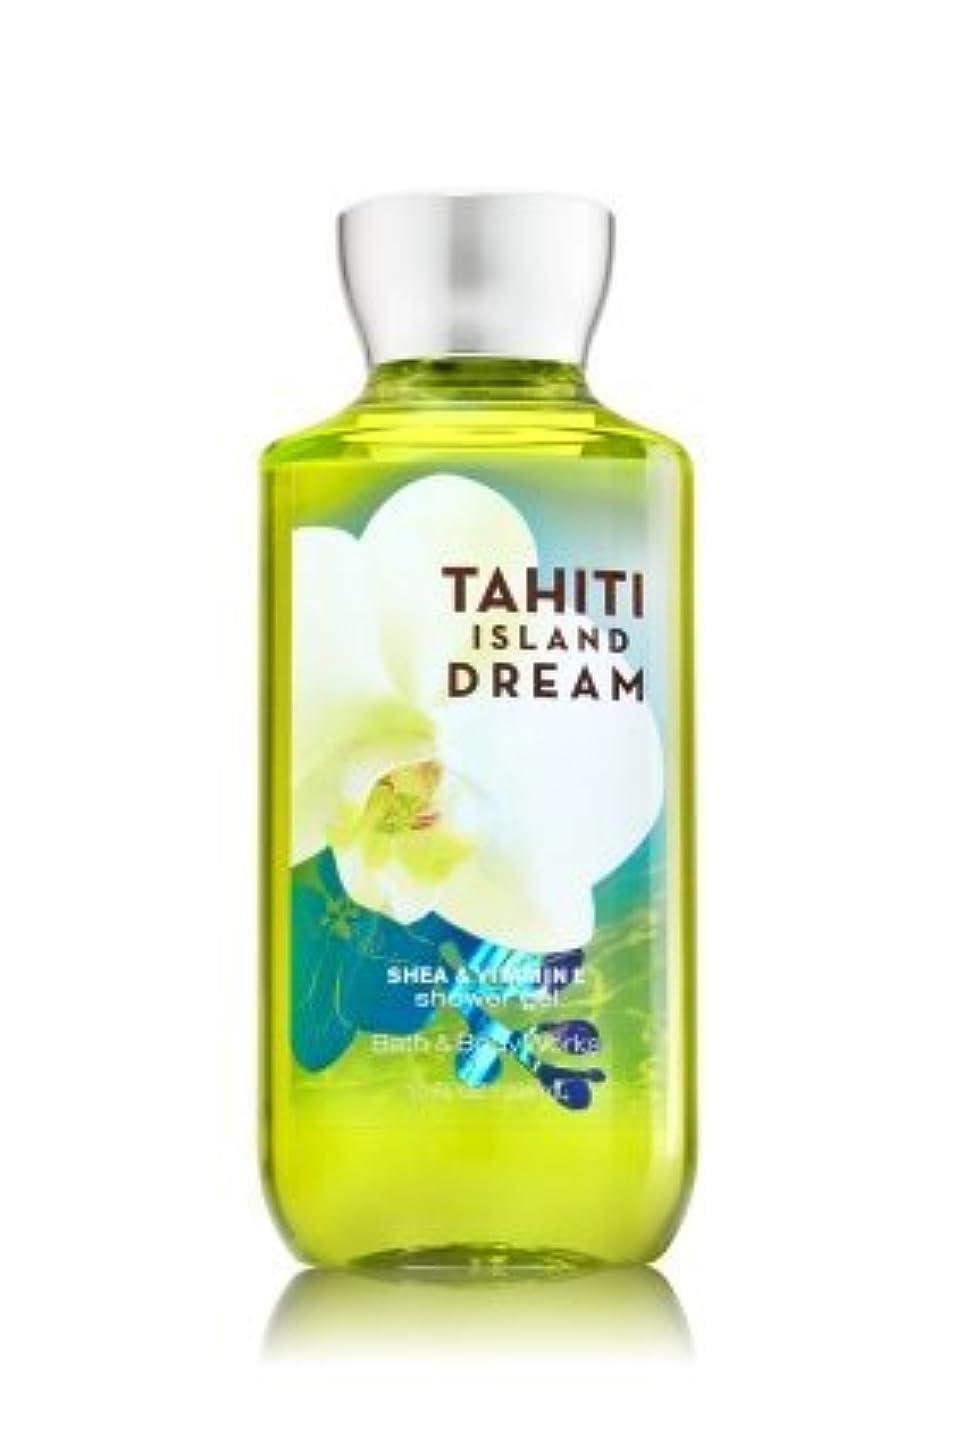 怠けたサバントスケッチ【Bath&Body Works/バス&ボディワークス】 シャワージェル タヒチアイランドドリーム Shower Gel Tahiti Island Dream 10 fl oz / 295 mL [並行輸入品]